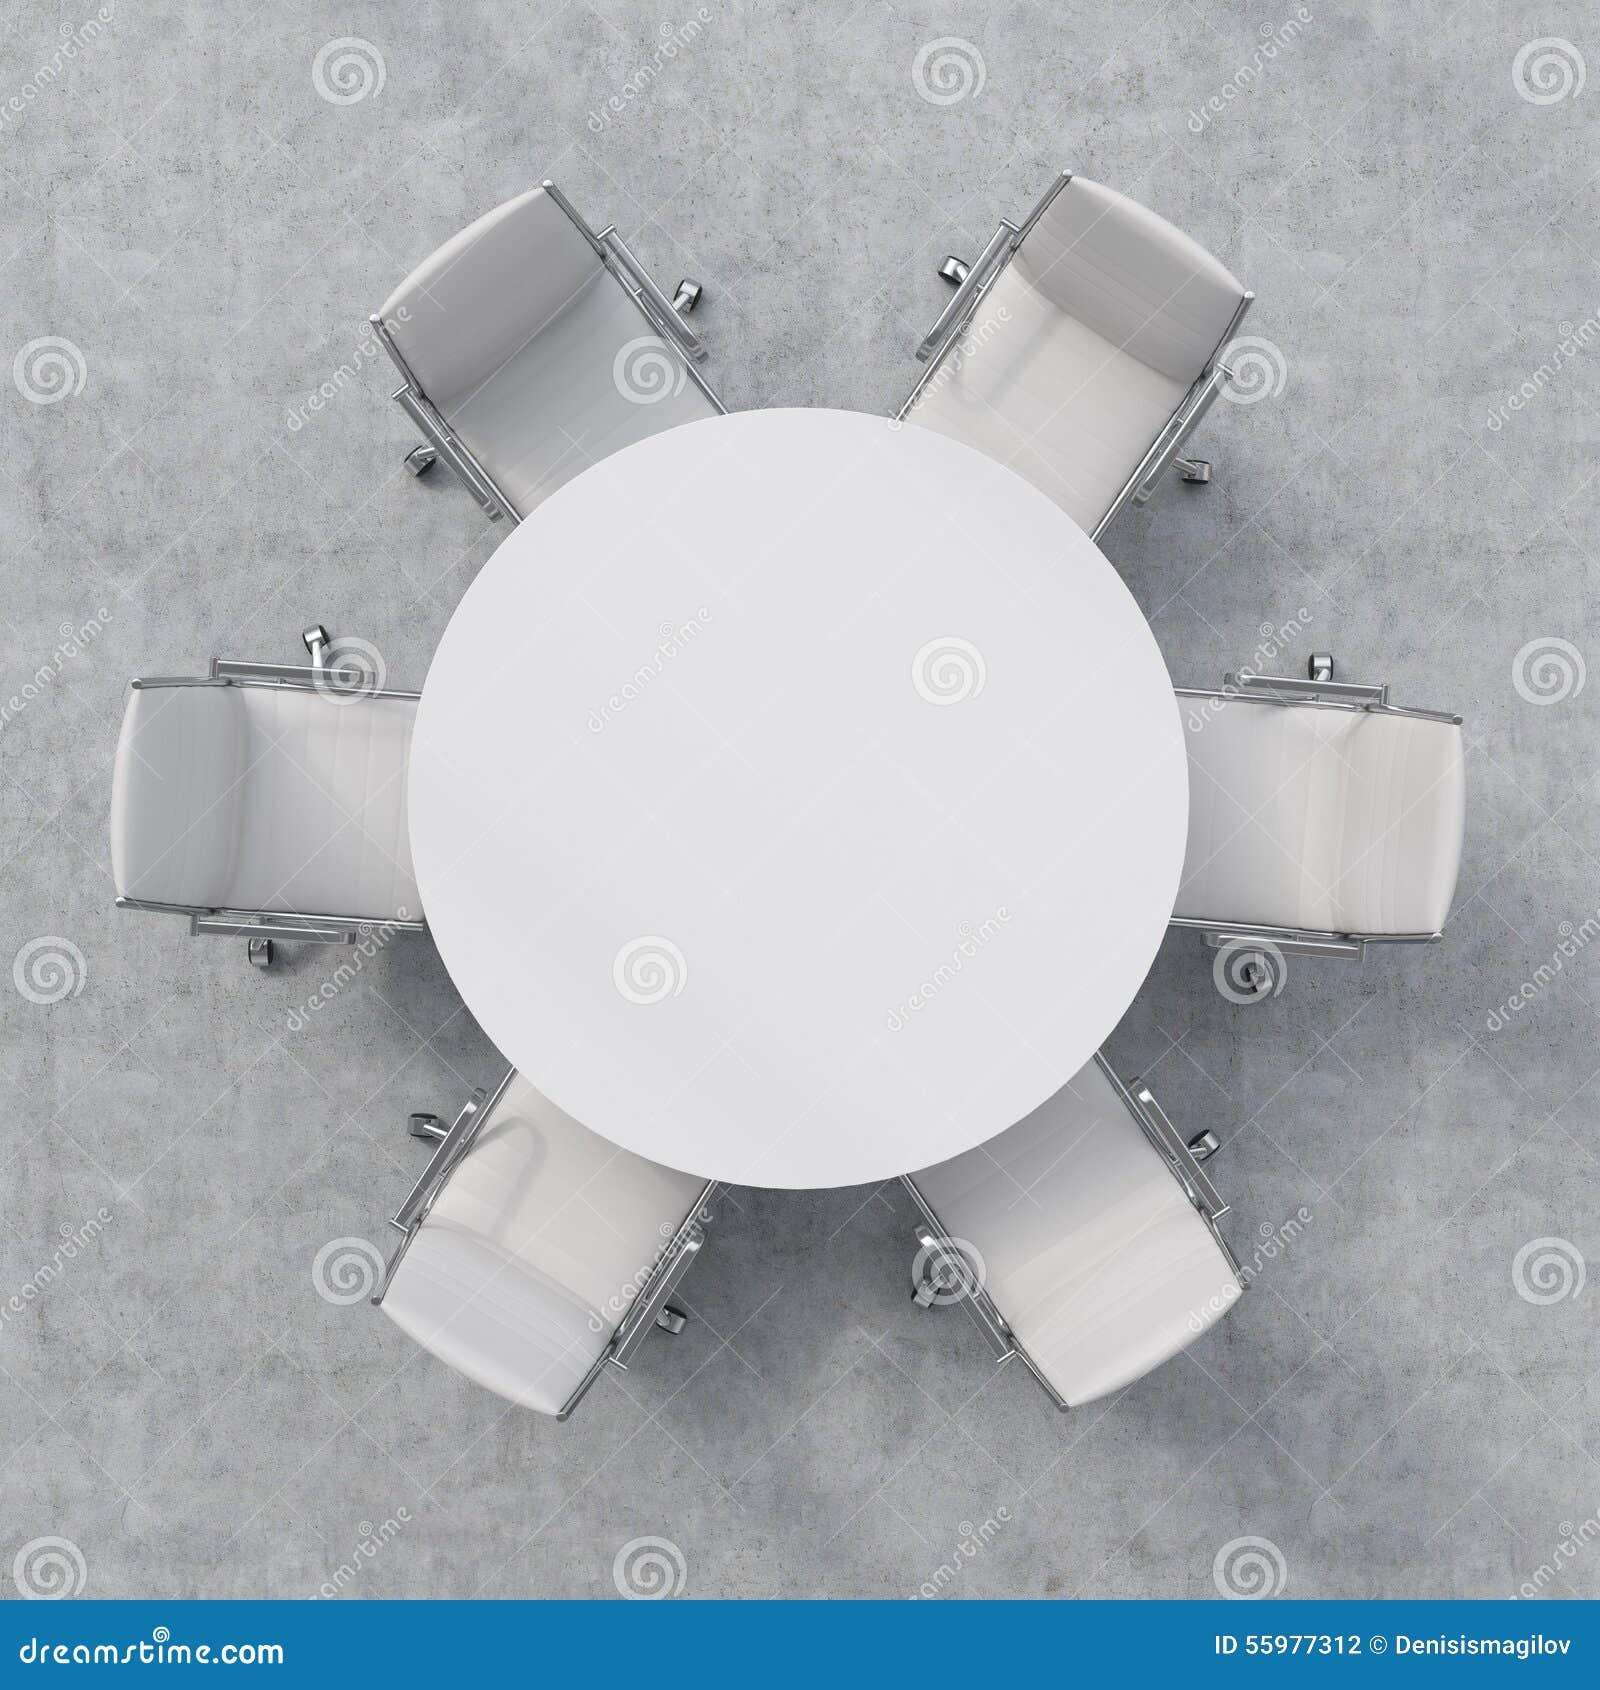 Vista Superior De Una Sala Conferencias Mesa